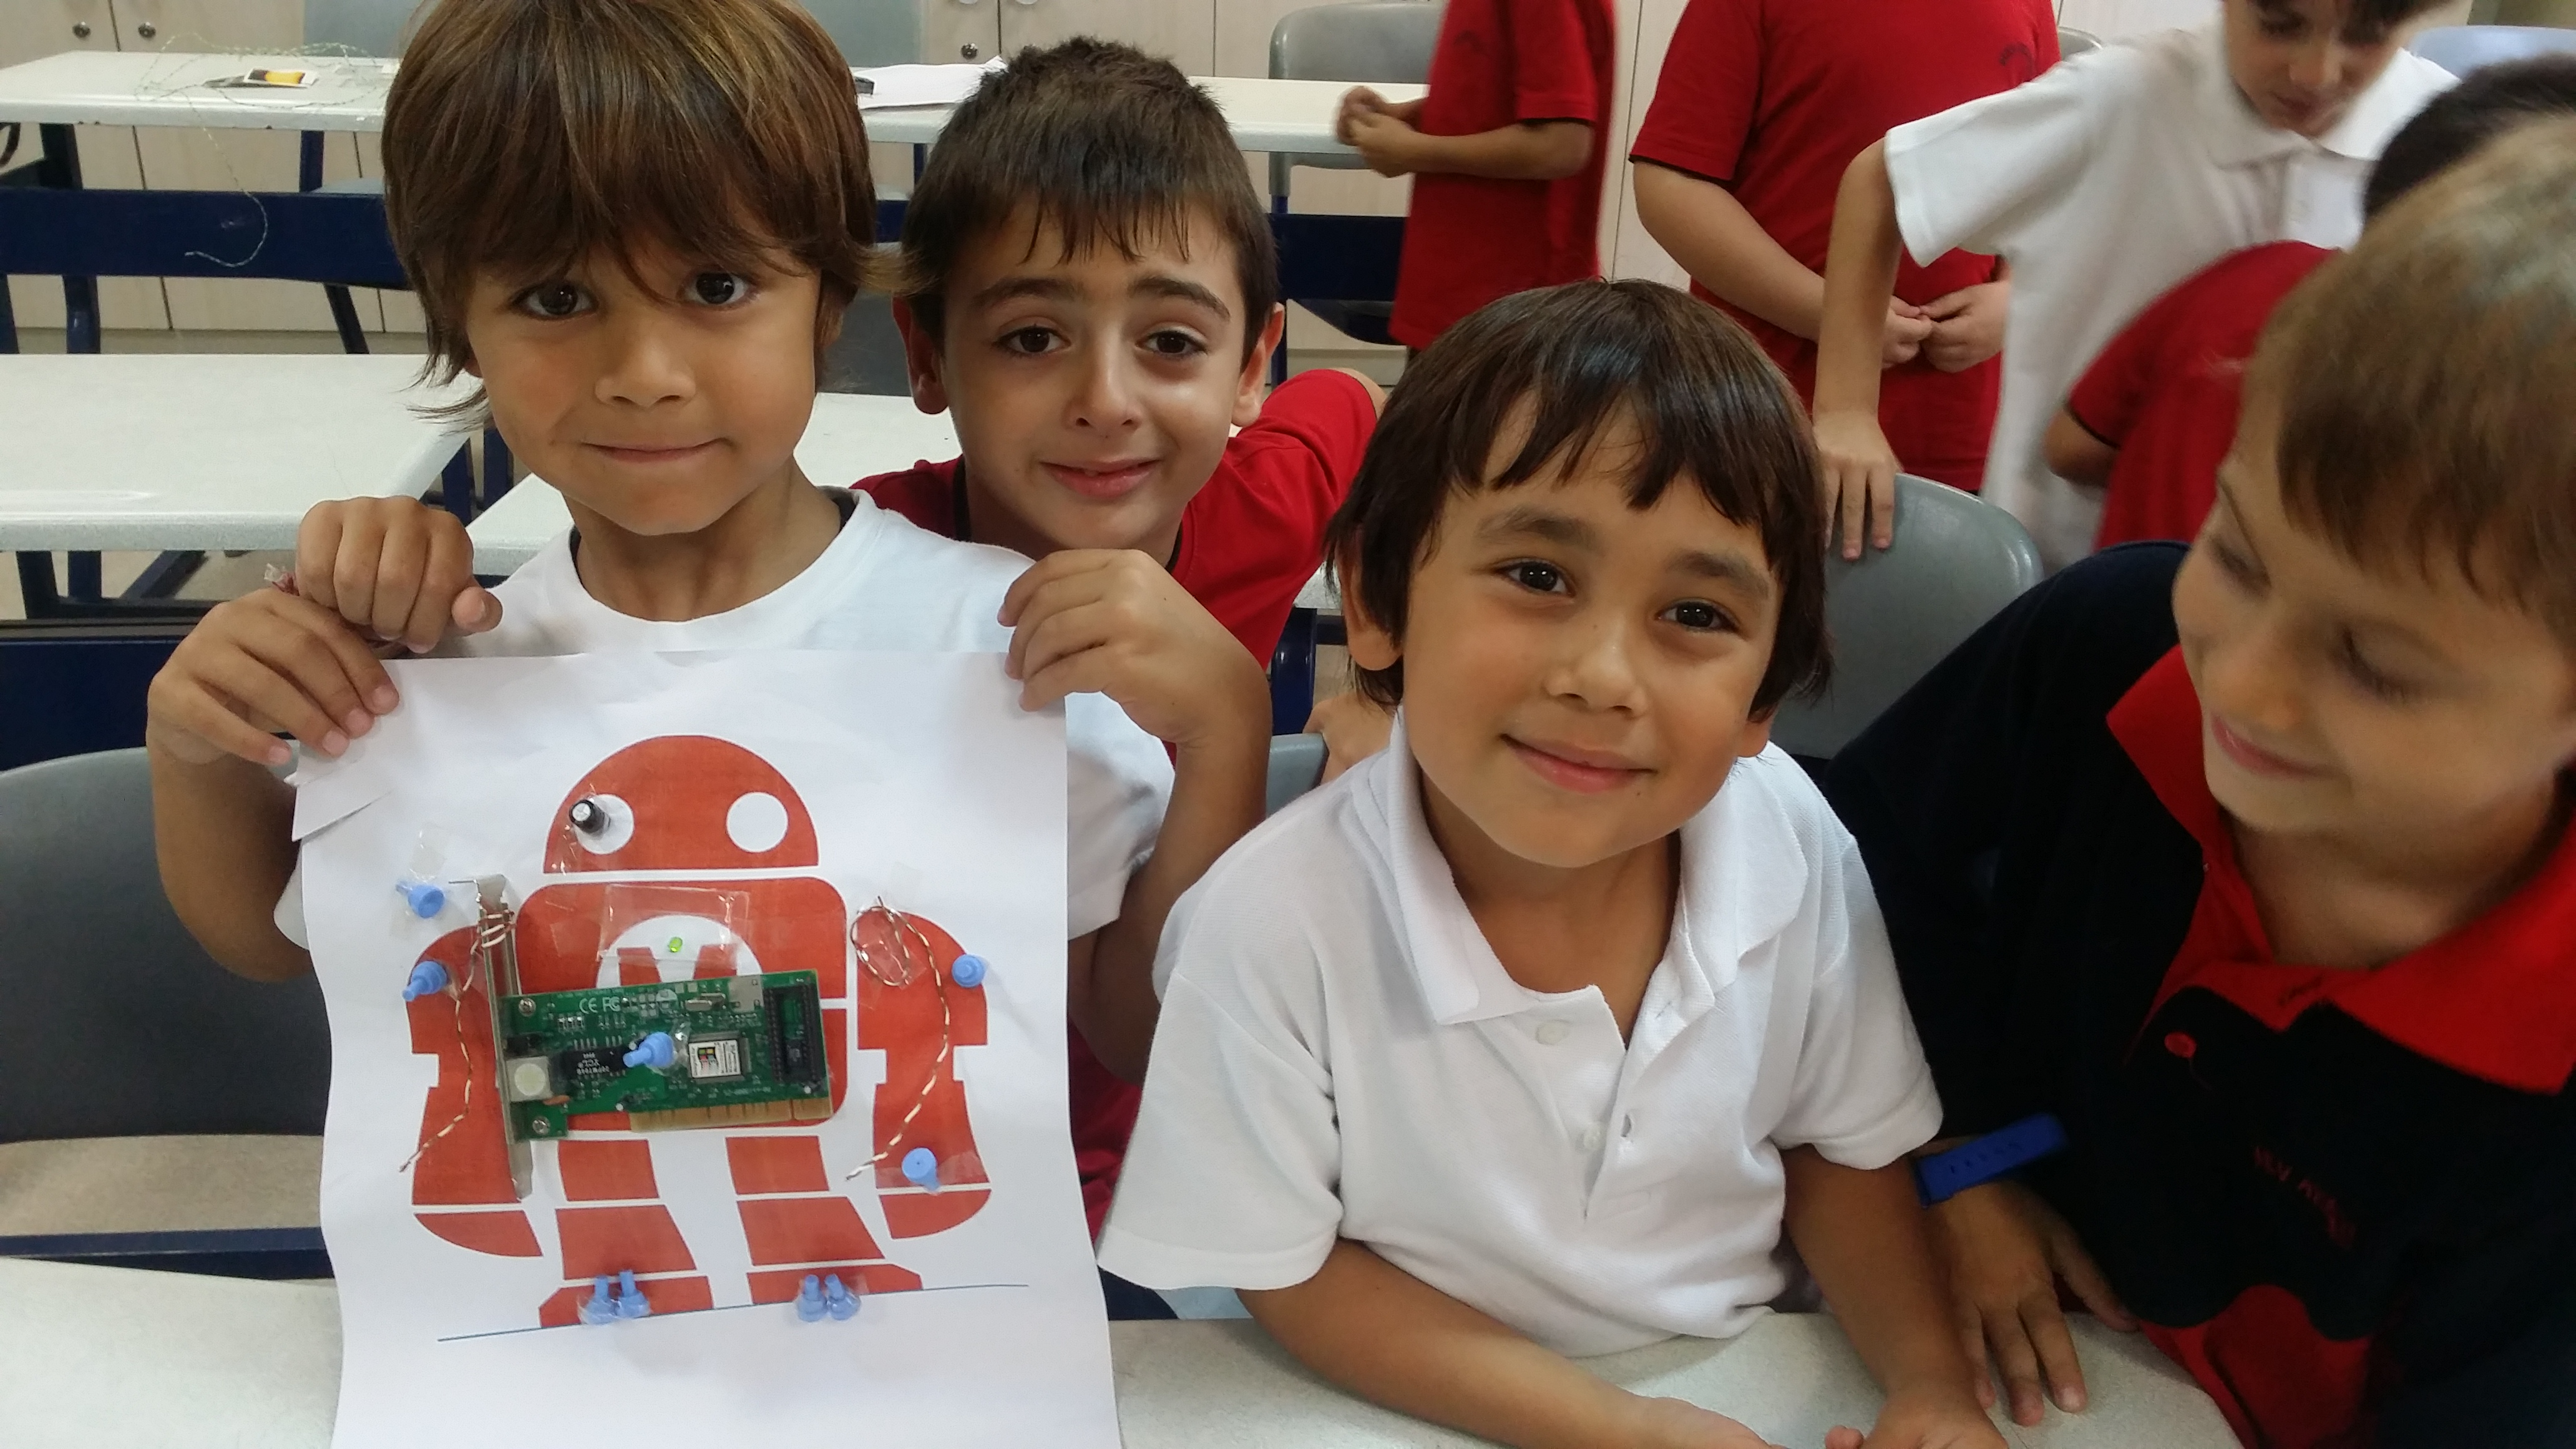 Maker Kulübündeki Öğrencilerimiz Yaratıcılıkta Sınır Tanımıyor